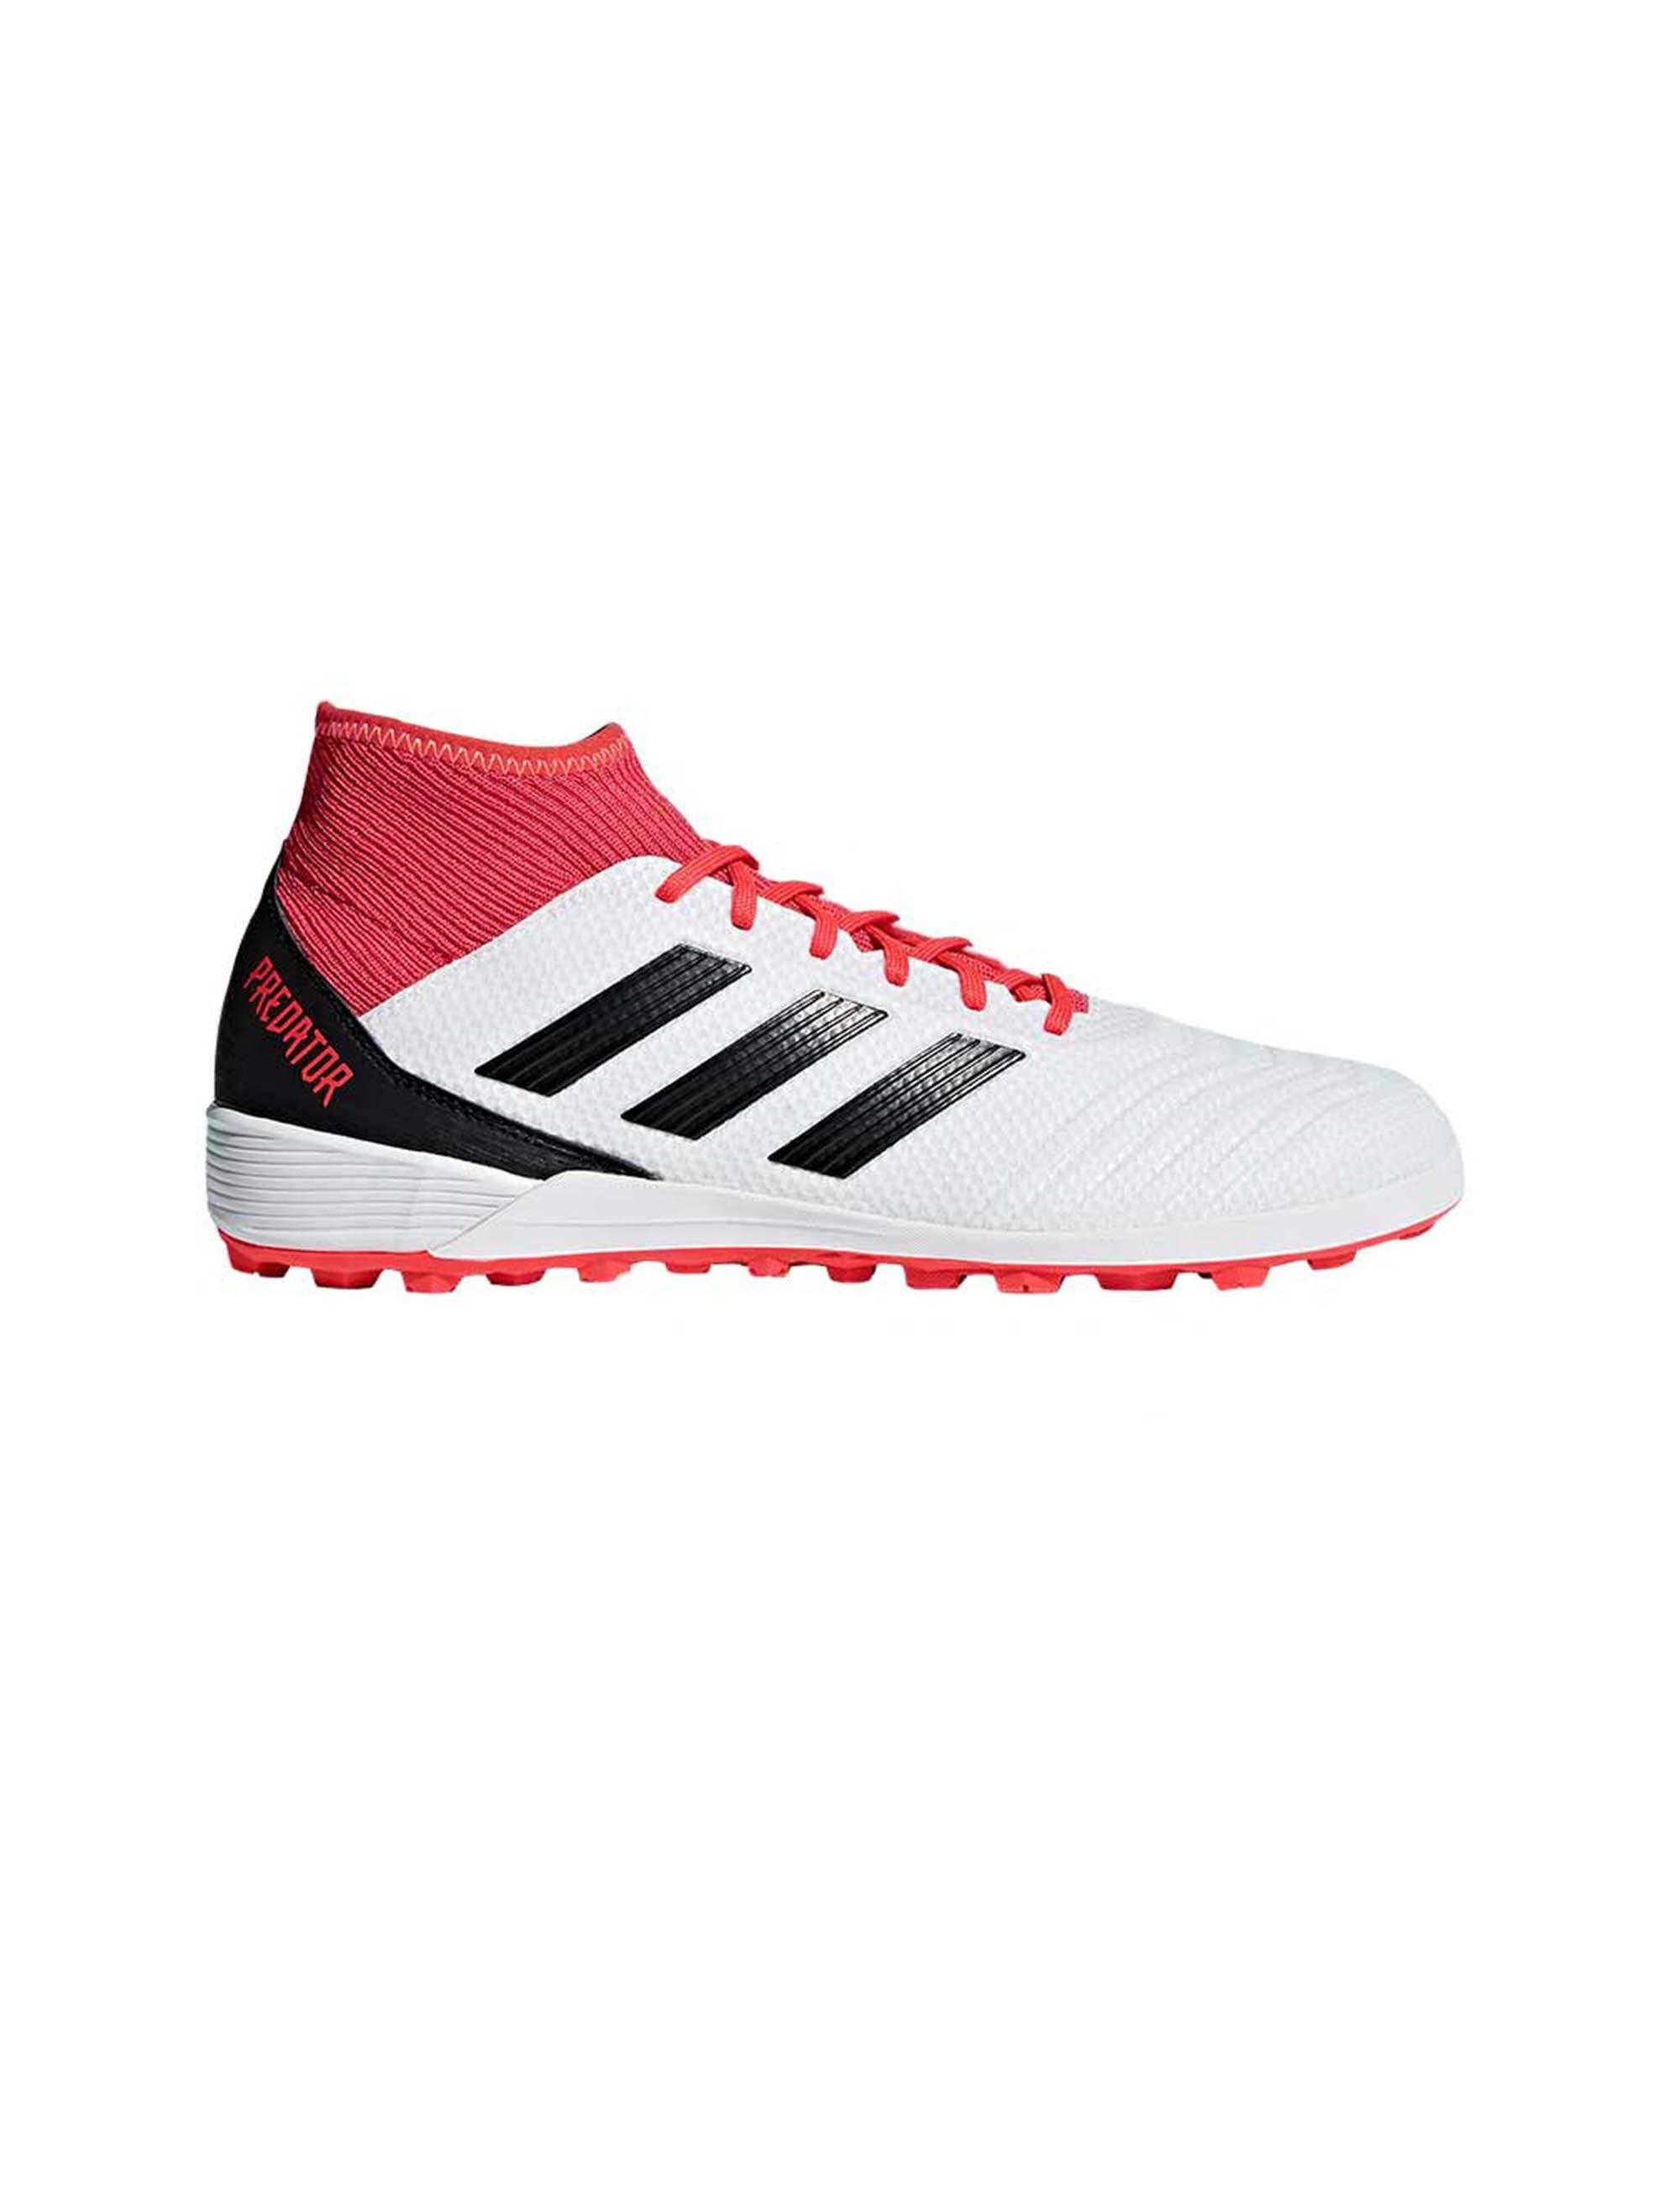 کفش فوتبال مردانه آدیداس مدل Predator Tango 18-3